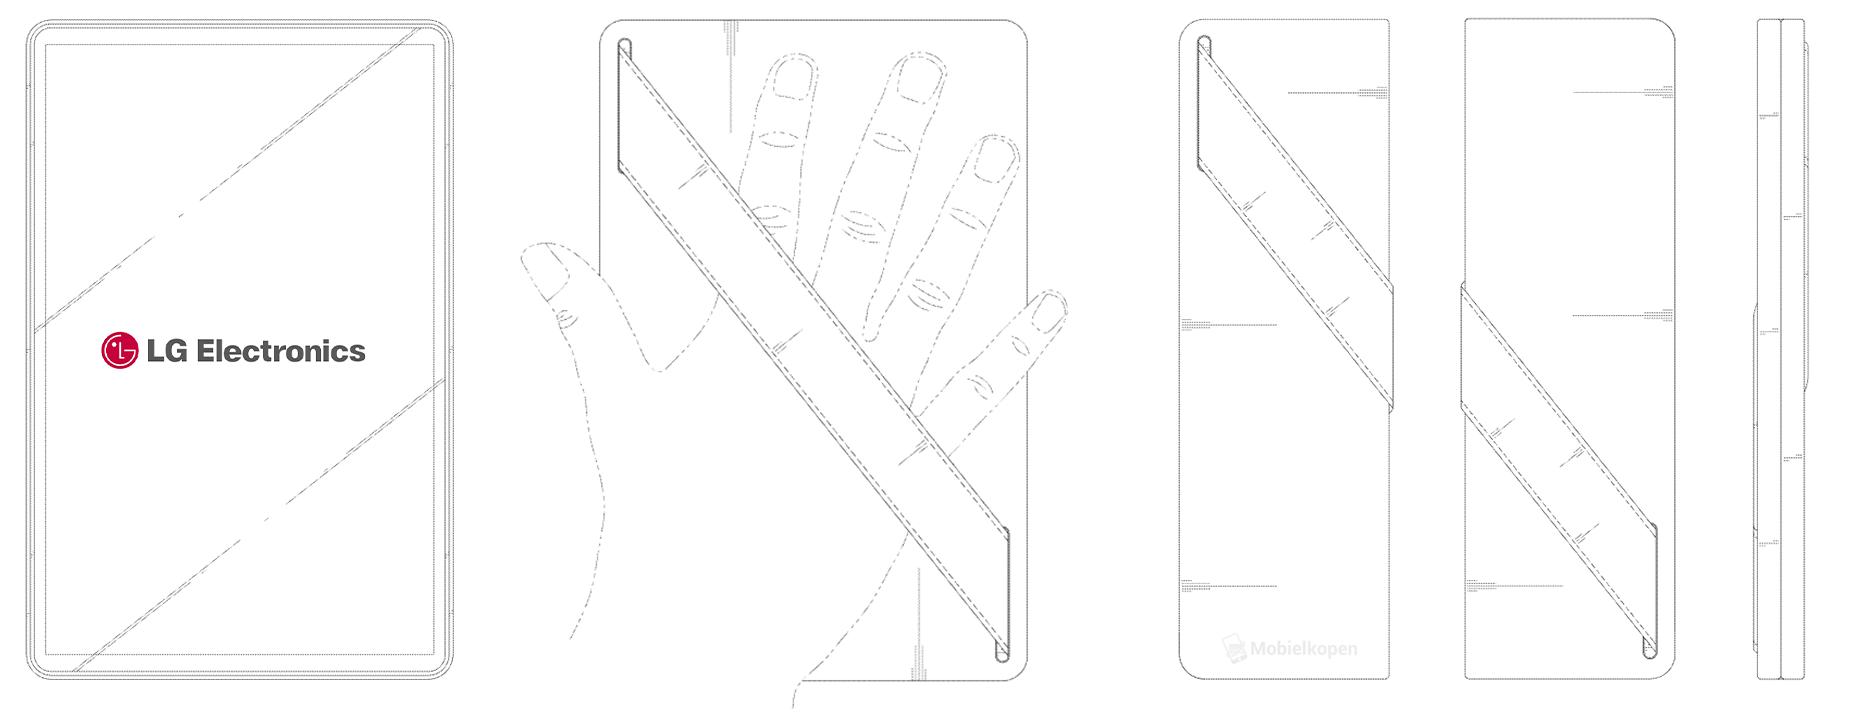 LG design patent